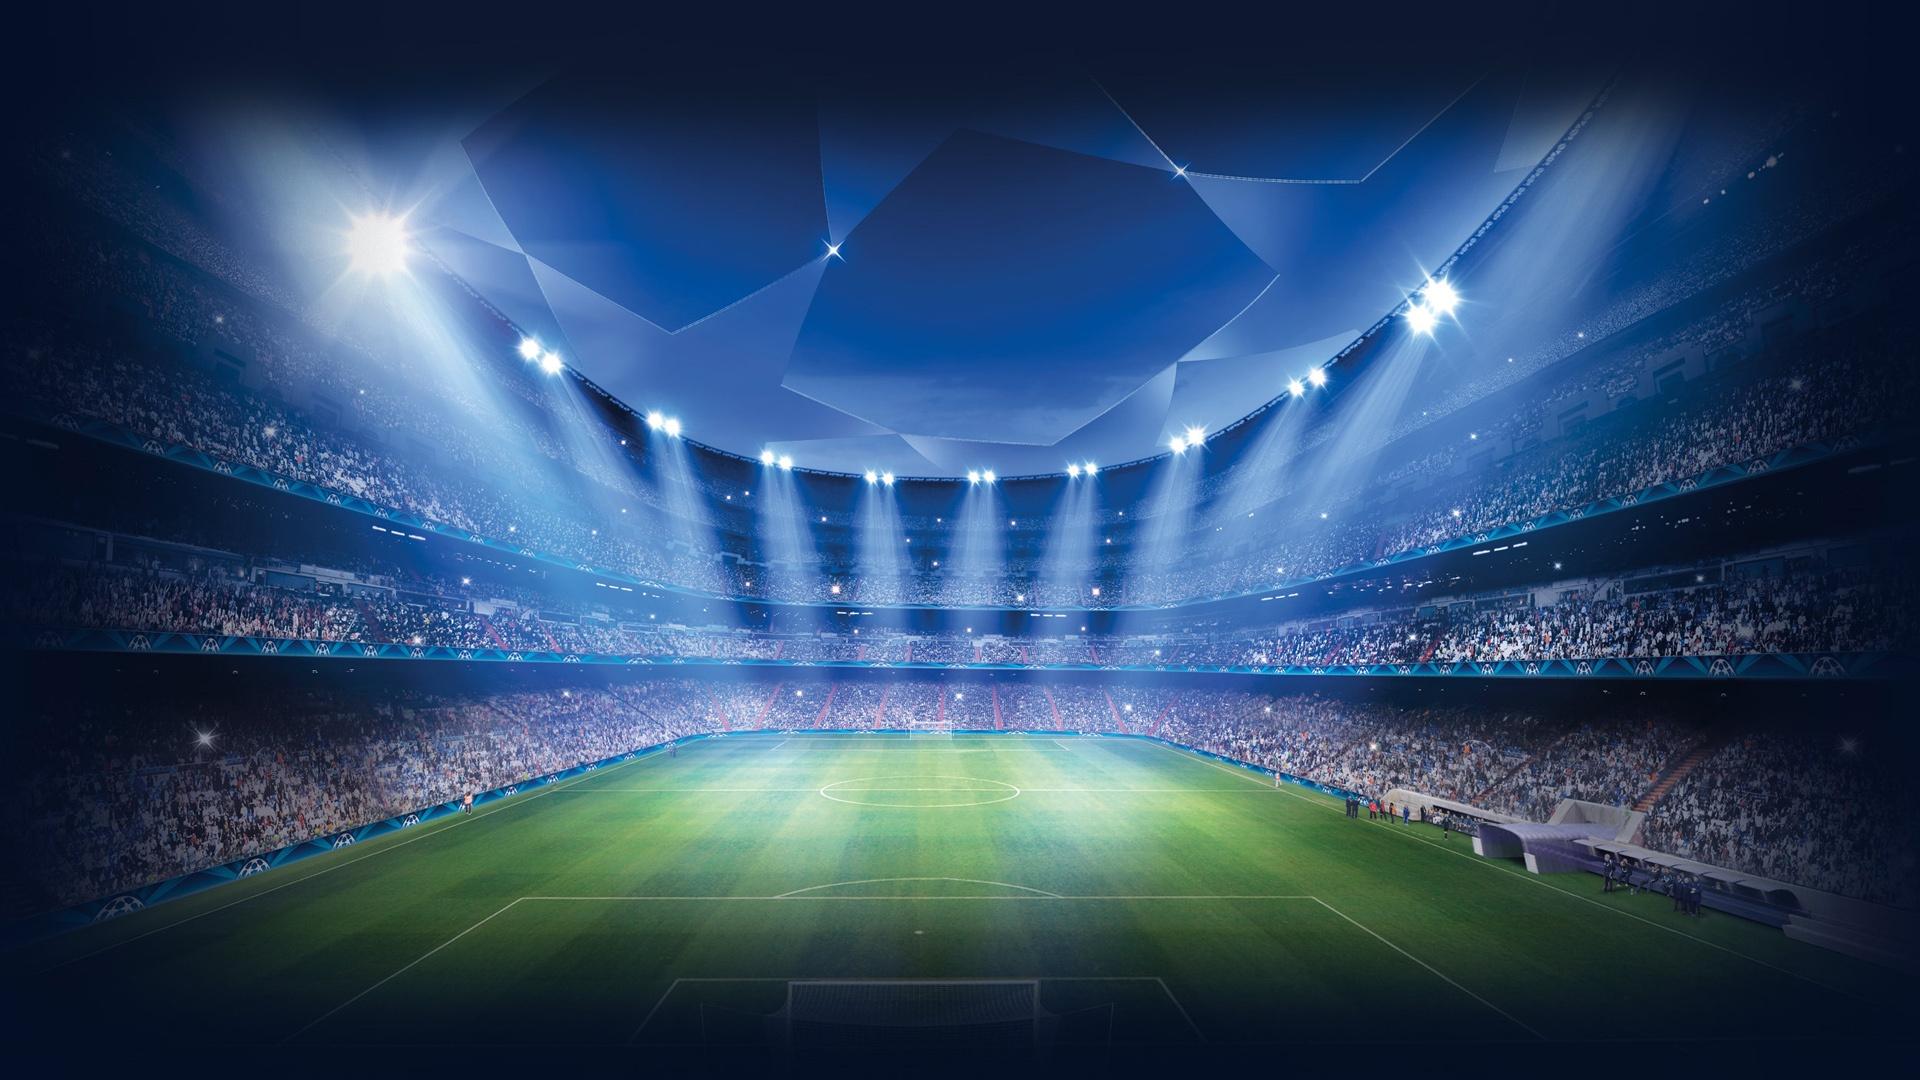 Estadio  F  Tbol  Deportes Juego Fondos De Pantalla   1920x1080